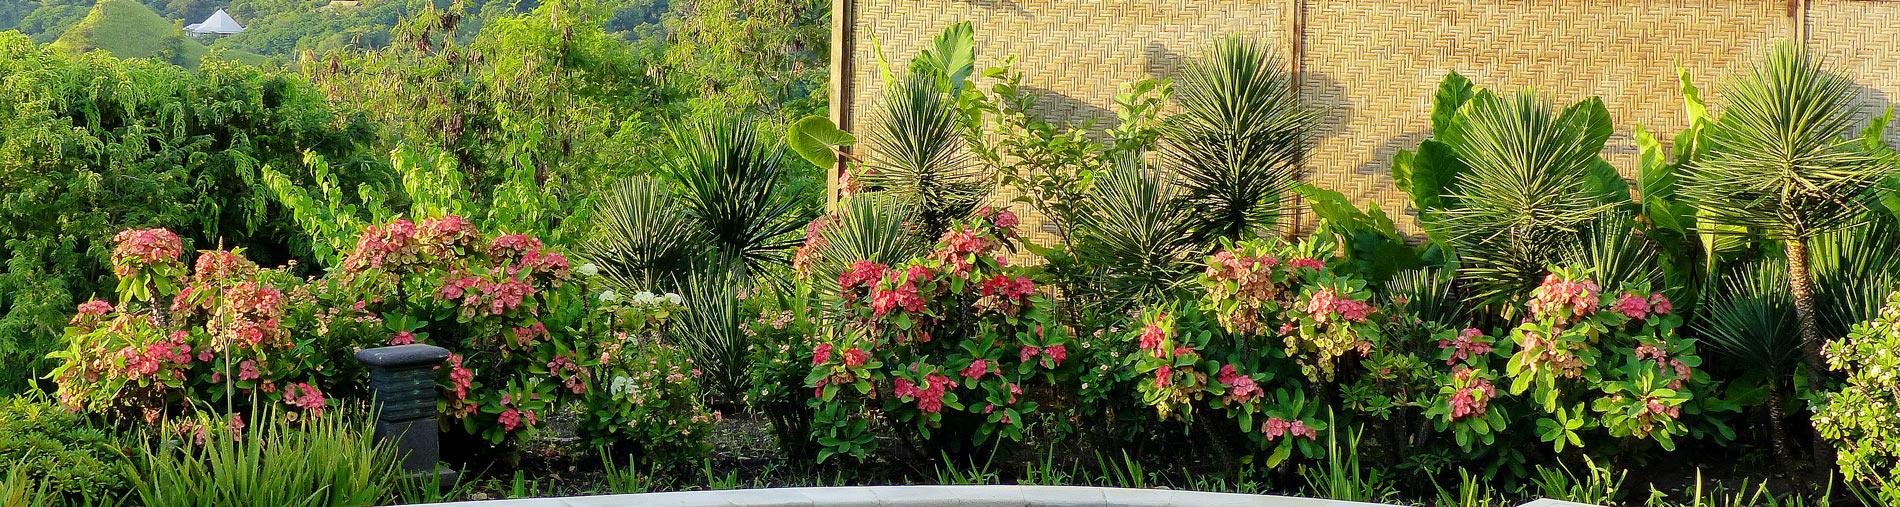 rondreis flores kleine sunda eilanden hotels